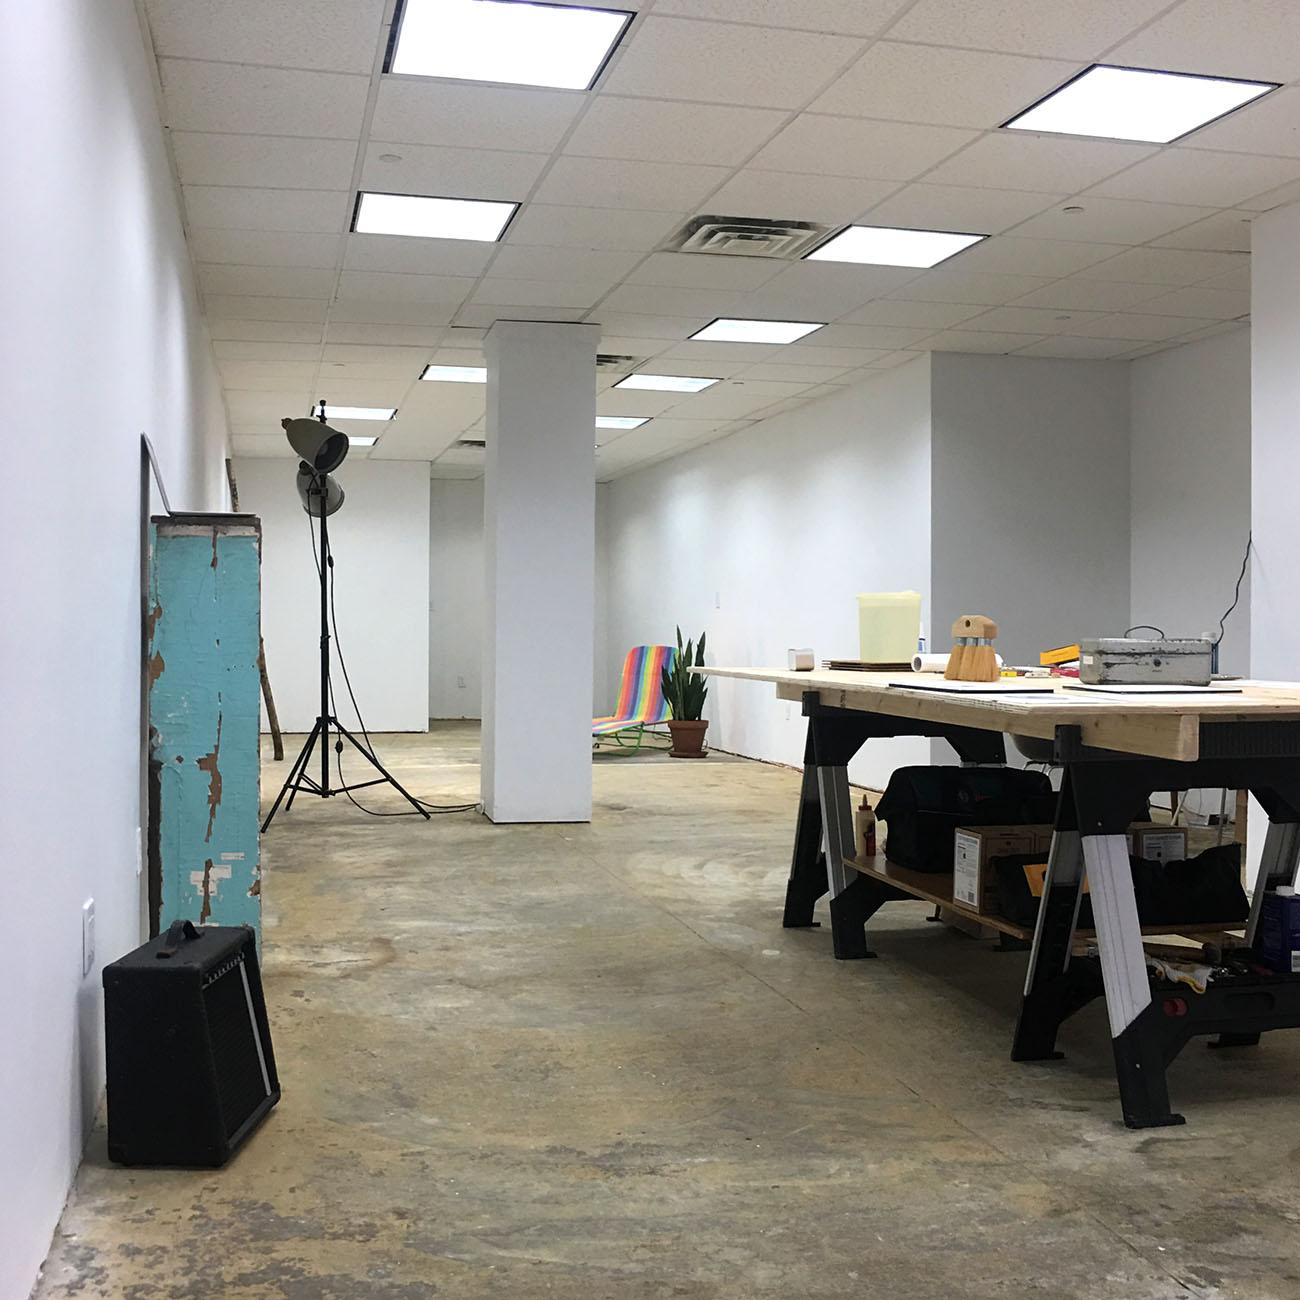 Pop-up storefront studio, from the door